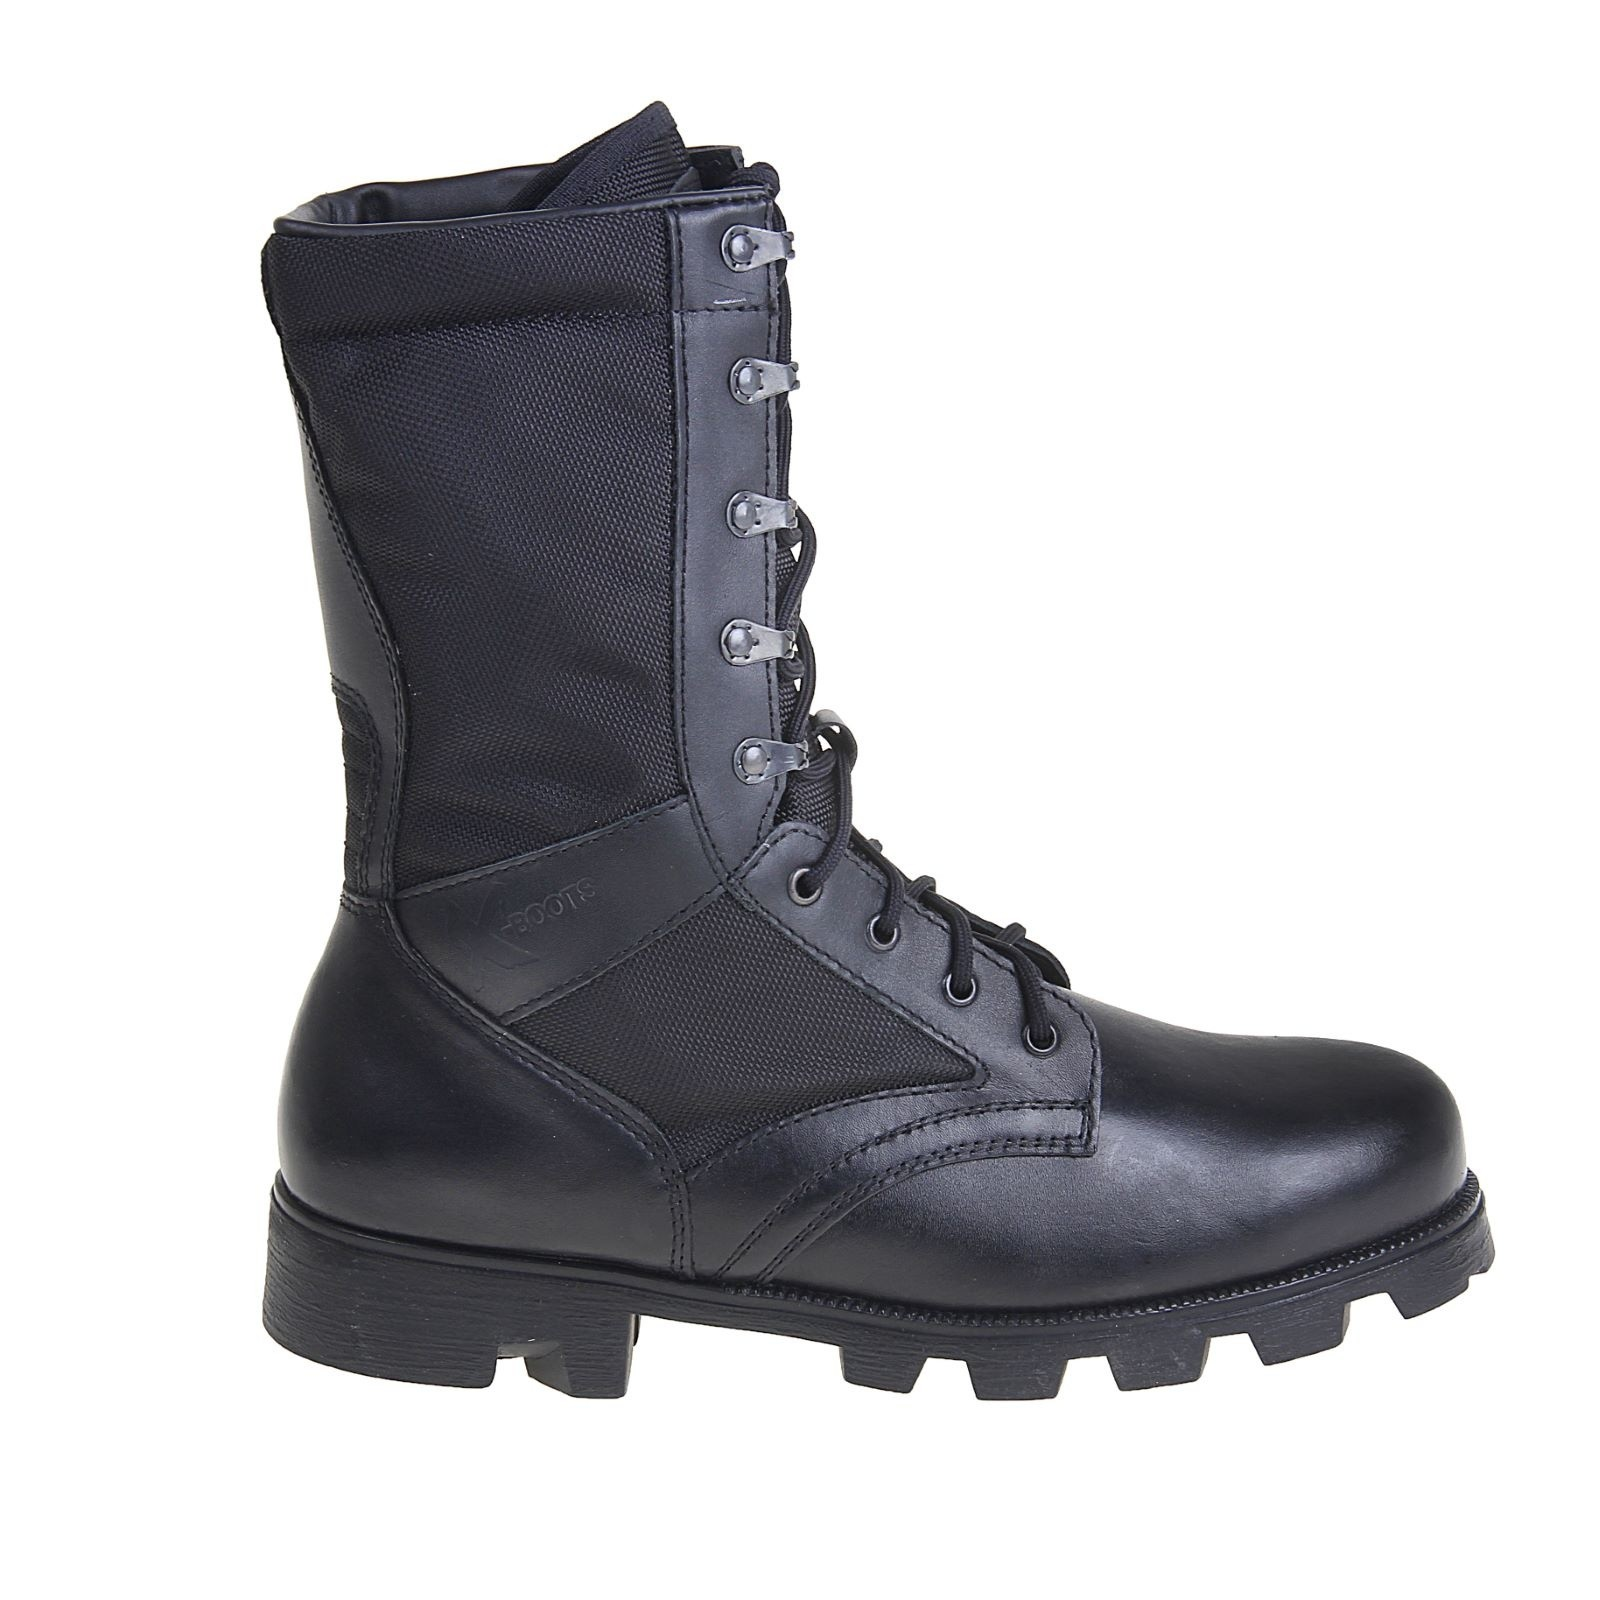 Ботинки Бутекс 1411 Калахари черные (45)Берцы<br>Ботинки отлично подойдут любителям активного <br>отдыха. Отлично подойдут для ношения осенью <br>и весной в мокрую дождливую погоду. Будут <br>прекрасно сочетаться с любой одеждой. Особенности: <br>- металлический супинатор; - глухой клапан, <br>предохраняющий ногу от воздействий окружающей <br>среды; - система скоростной шнуровки; - задник <br>и подносок сделаны из термопластического <br>материала; - удобный в эксплуатации мягкий <br>кант; - амортизирующая вставка в пяточной <br>части; - нетканая и устойчивая к истиранию <br>подкладка cambrelle.<br><br>Пол: мужской<br>Размер: 45<br>Сезон: лето<br>Цвет: черный<br>Материал: гидрофобная кожа